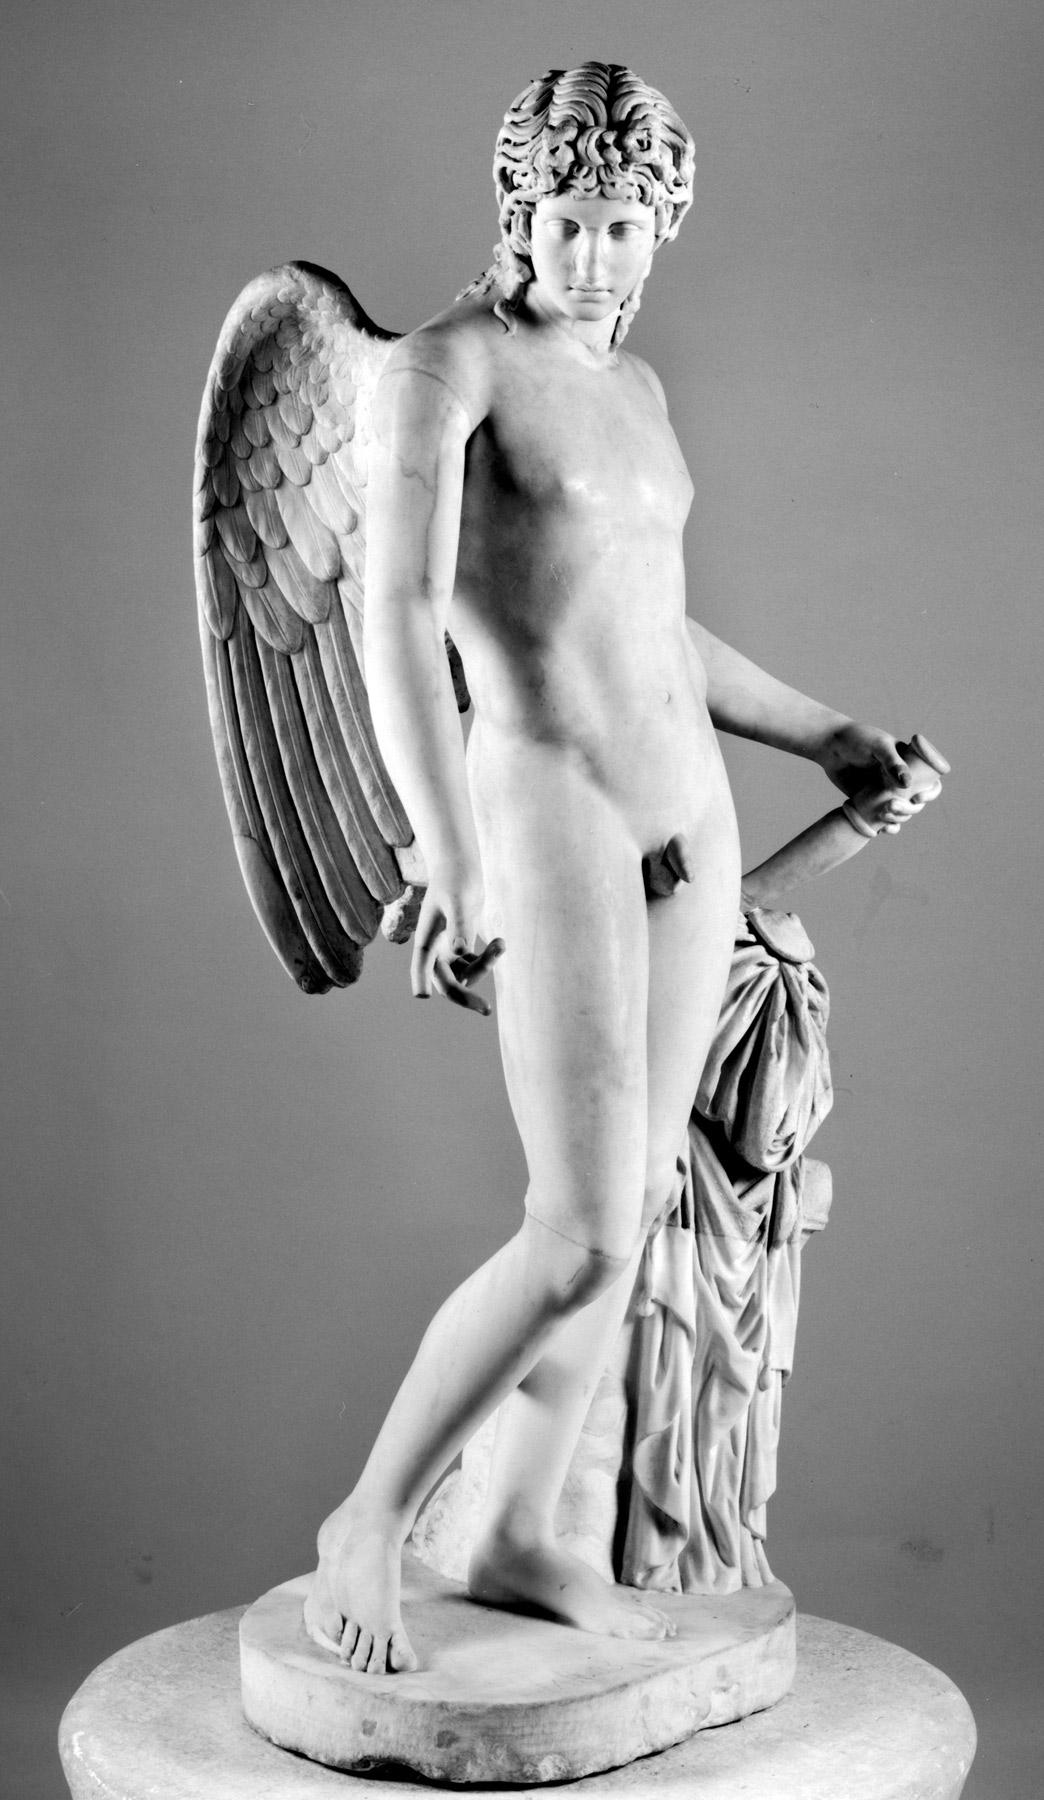 Arte romana, Statua di Eros tipo Centocelle (II secolo d.C.; marmo bianco a grana fine, altezza 165 cm; Napoli, Museo Archeologico Nazionale, inv. 6353)